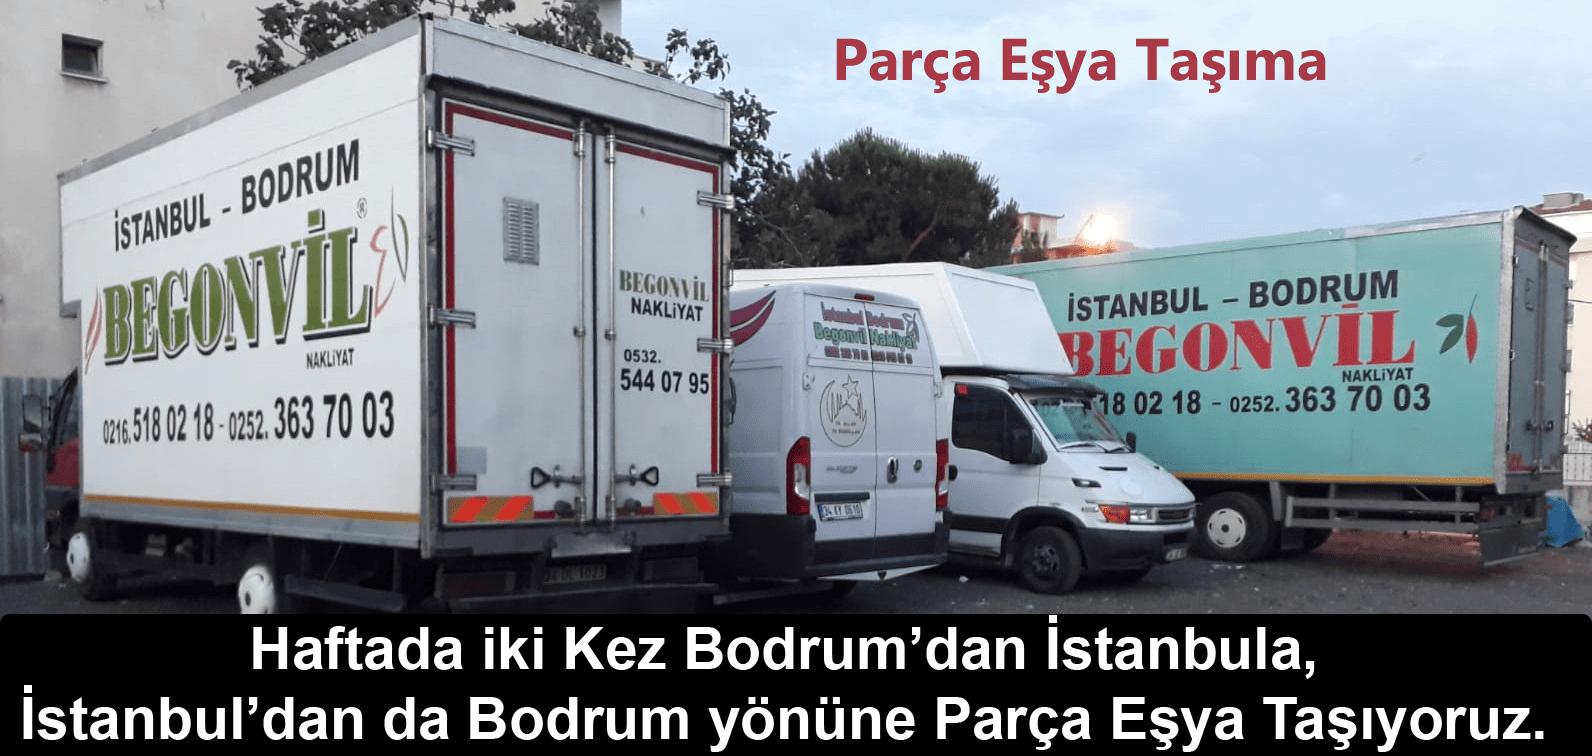 İstanbul Bodrum Parça eşya